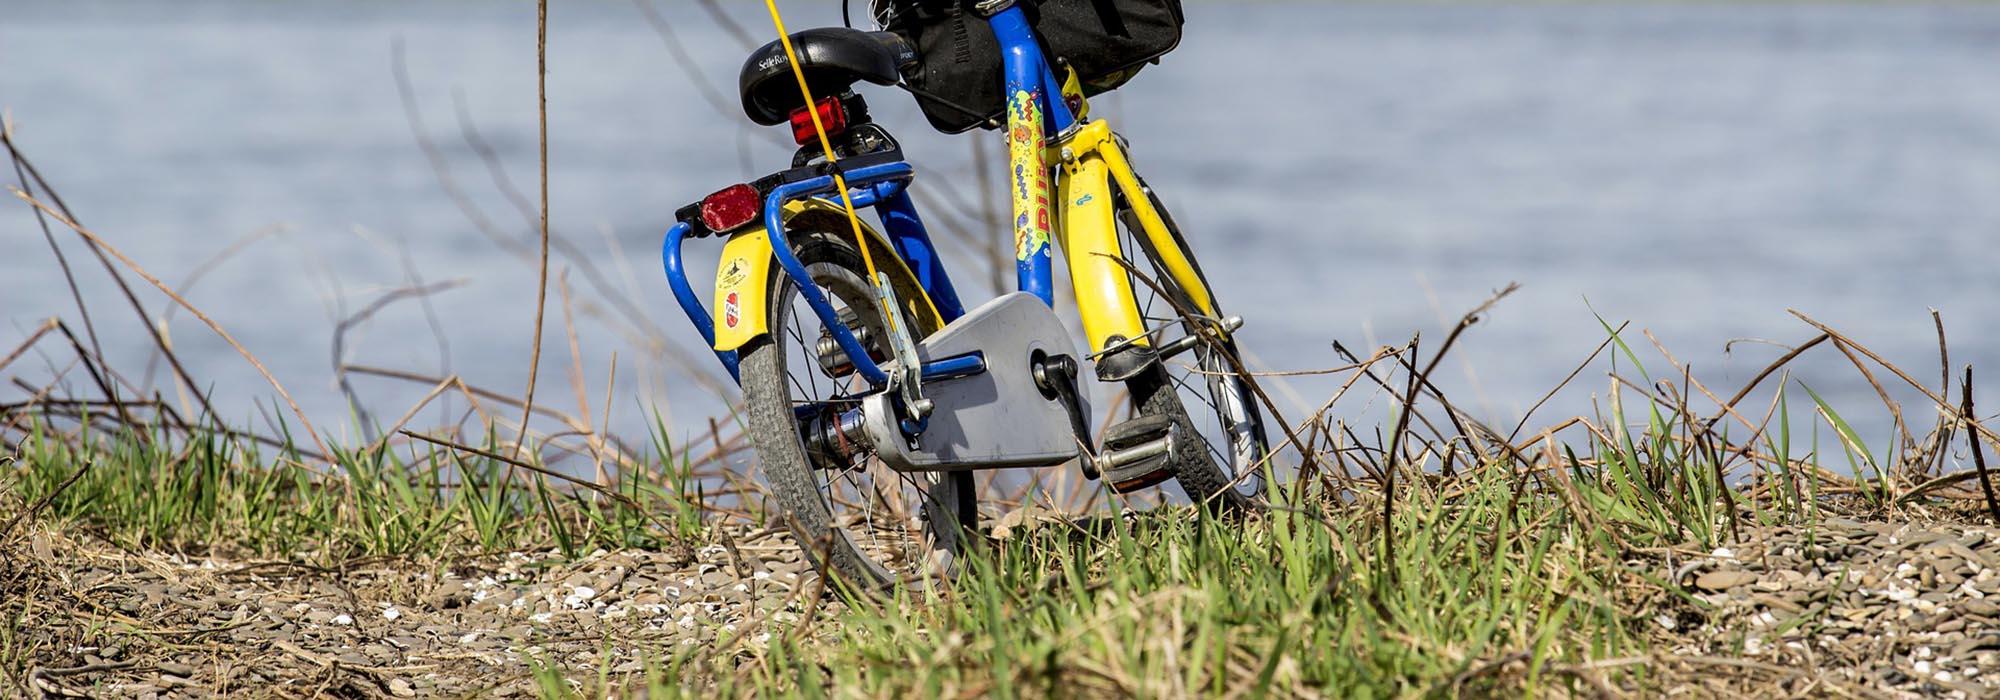 bike-250814_1920